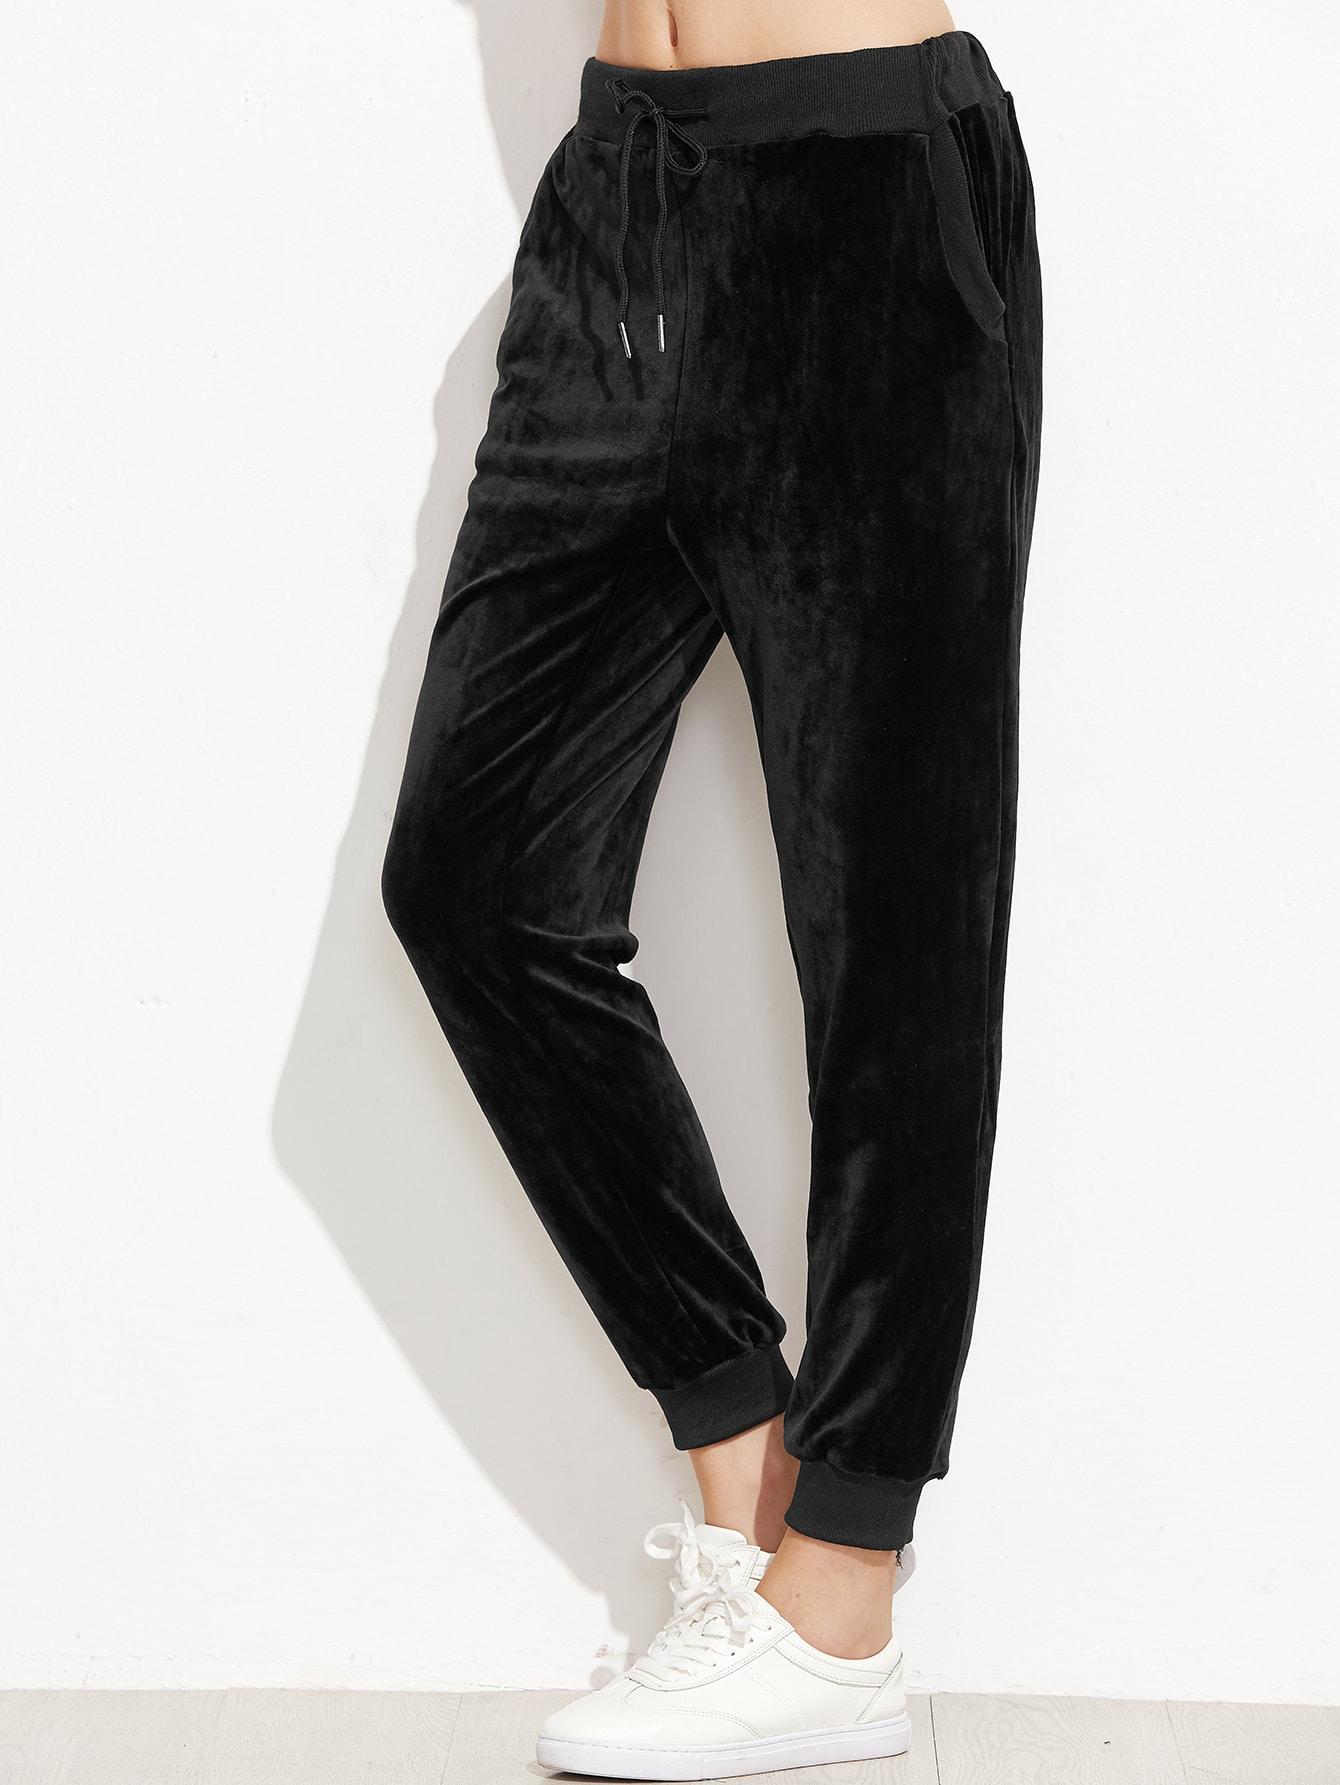 pants161013101_2